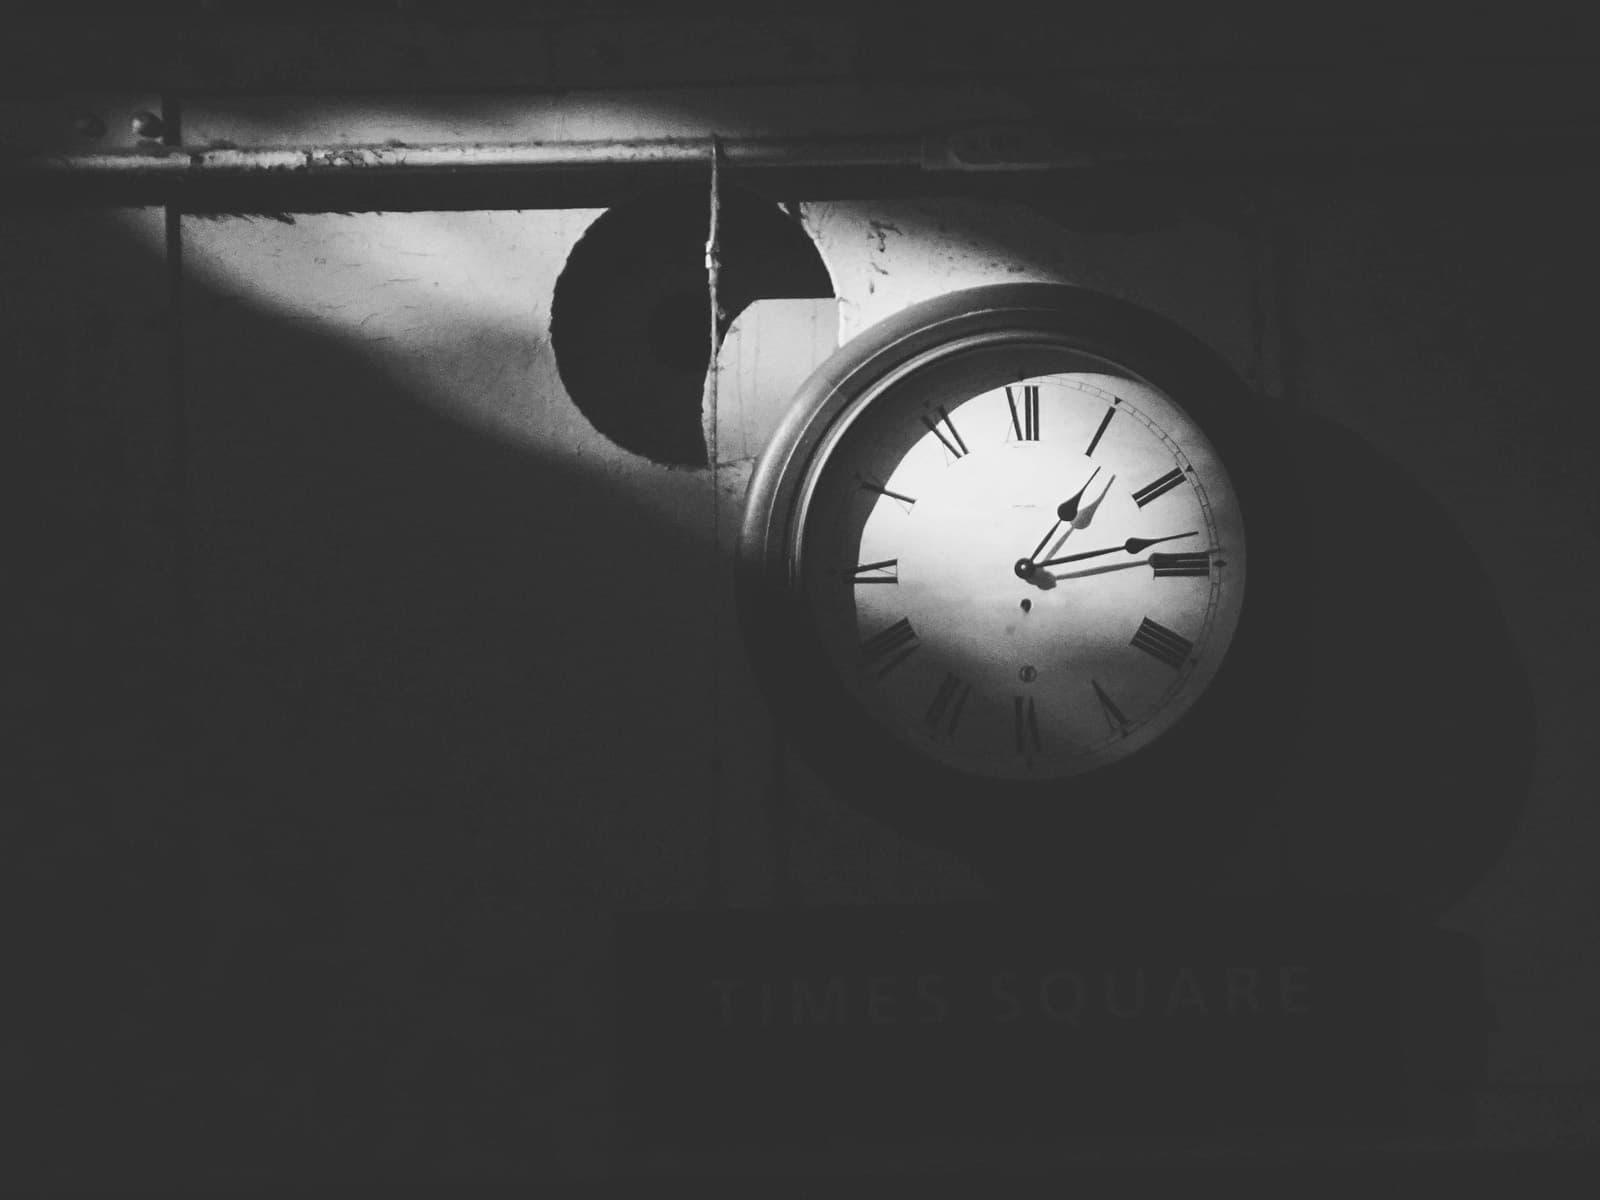 أين ذهب الوقت؟